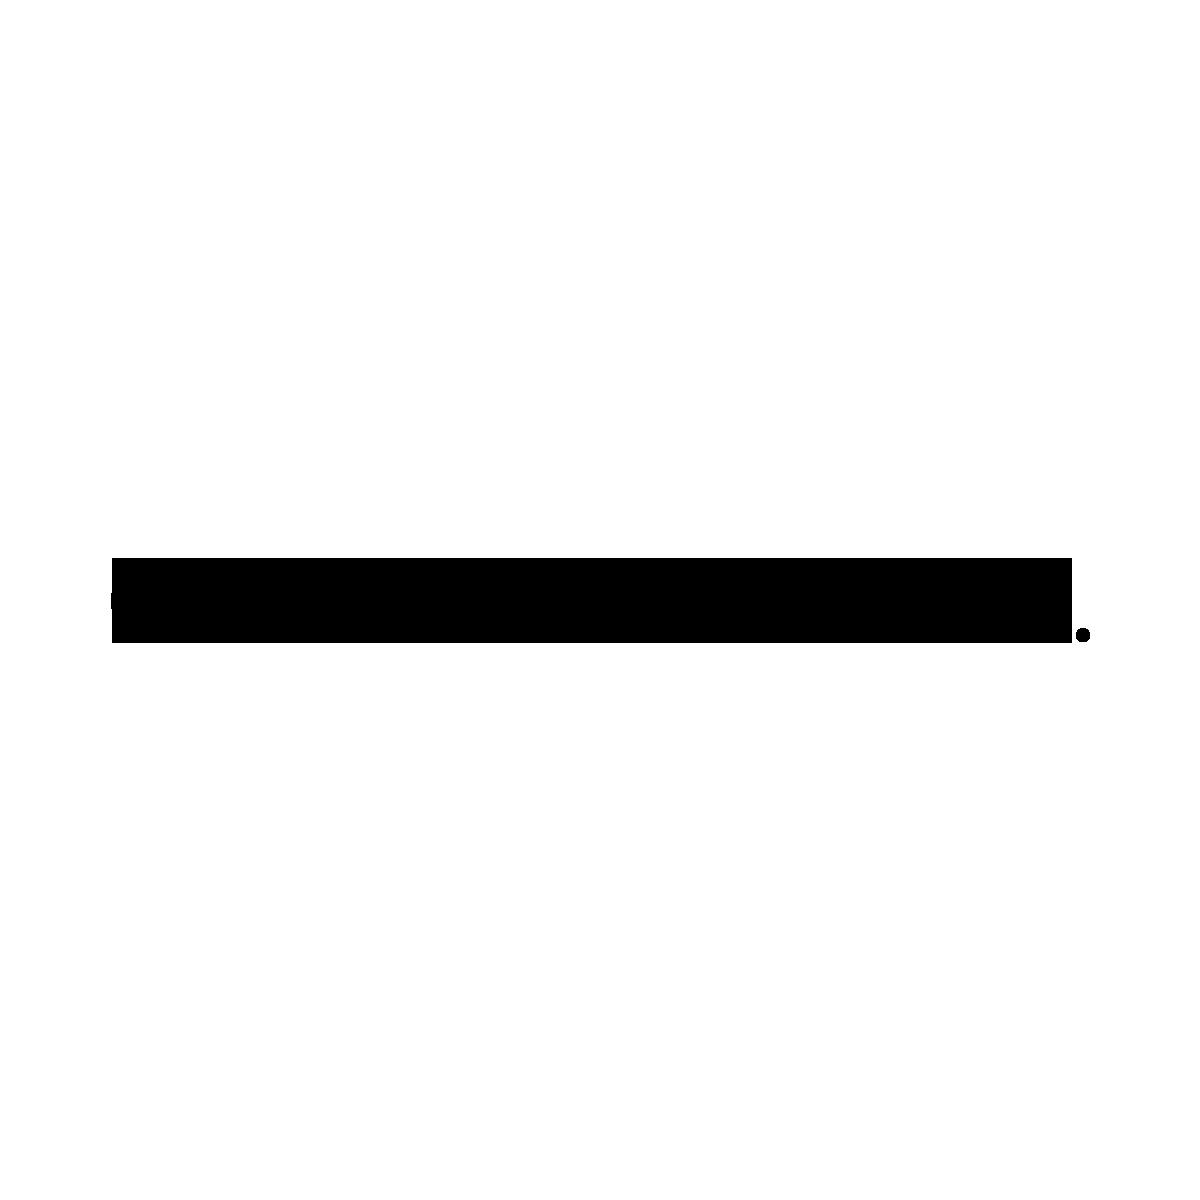 shabbies amsterdam handtas met ritssluiting en afneembaar schouderhengsel structuurleer taupe 261197 detail steekvak